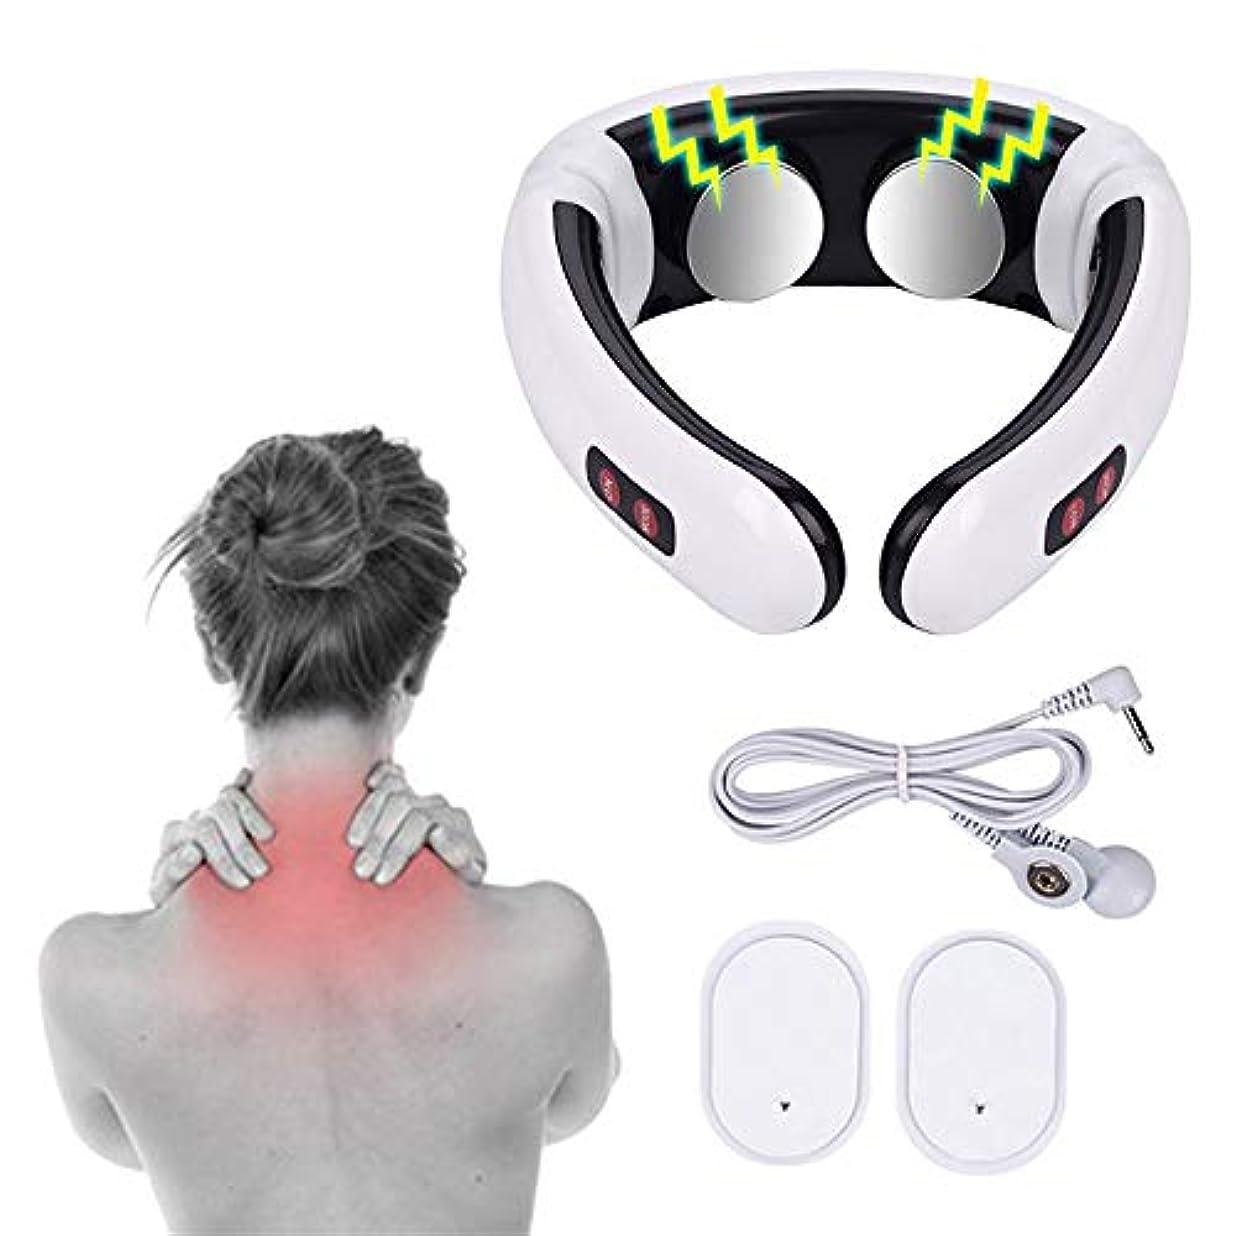 泥棒フリル改革1 PC Electric Pulse Back and Neck Massager Far Infrared Pain Relief Tool Health Care Relaxation Multifunctional...